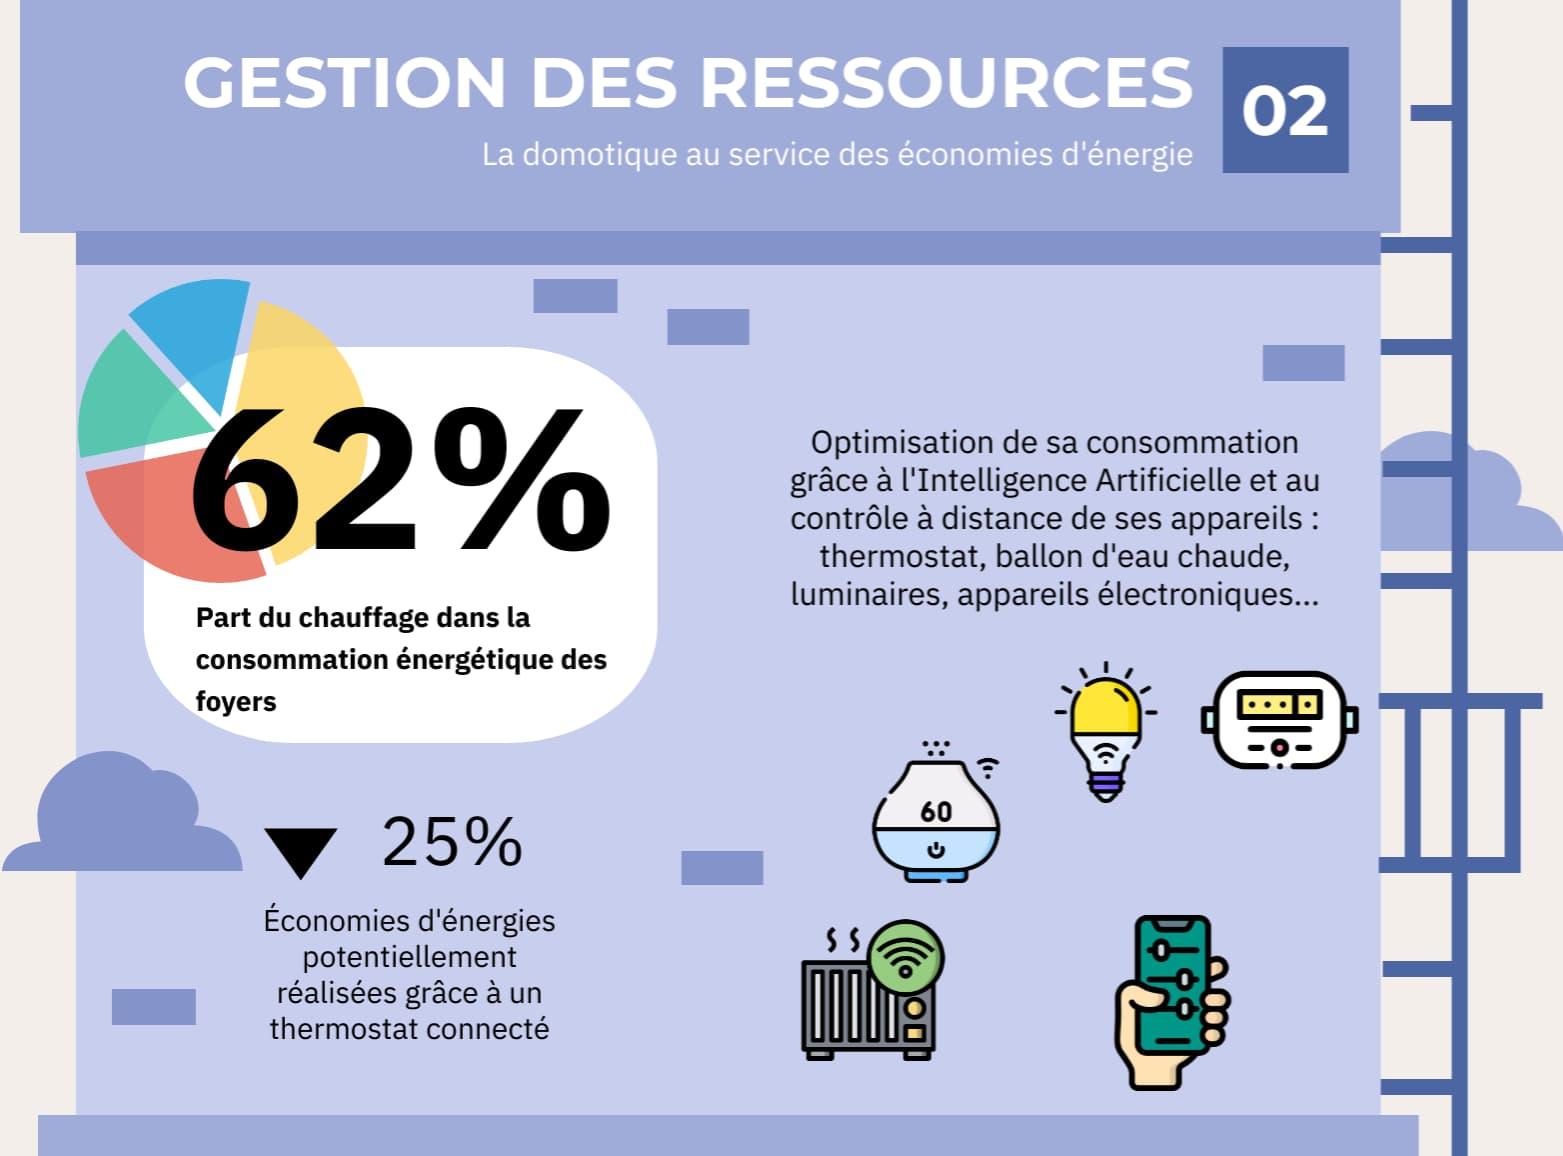 domotique gestion des ressources